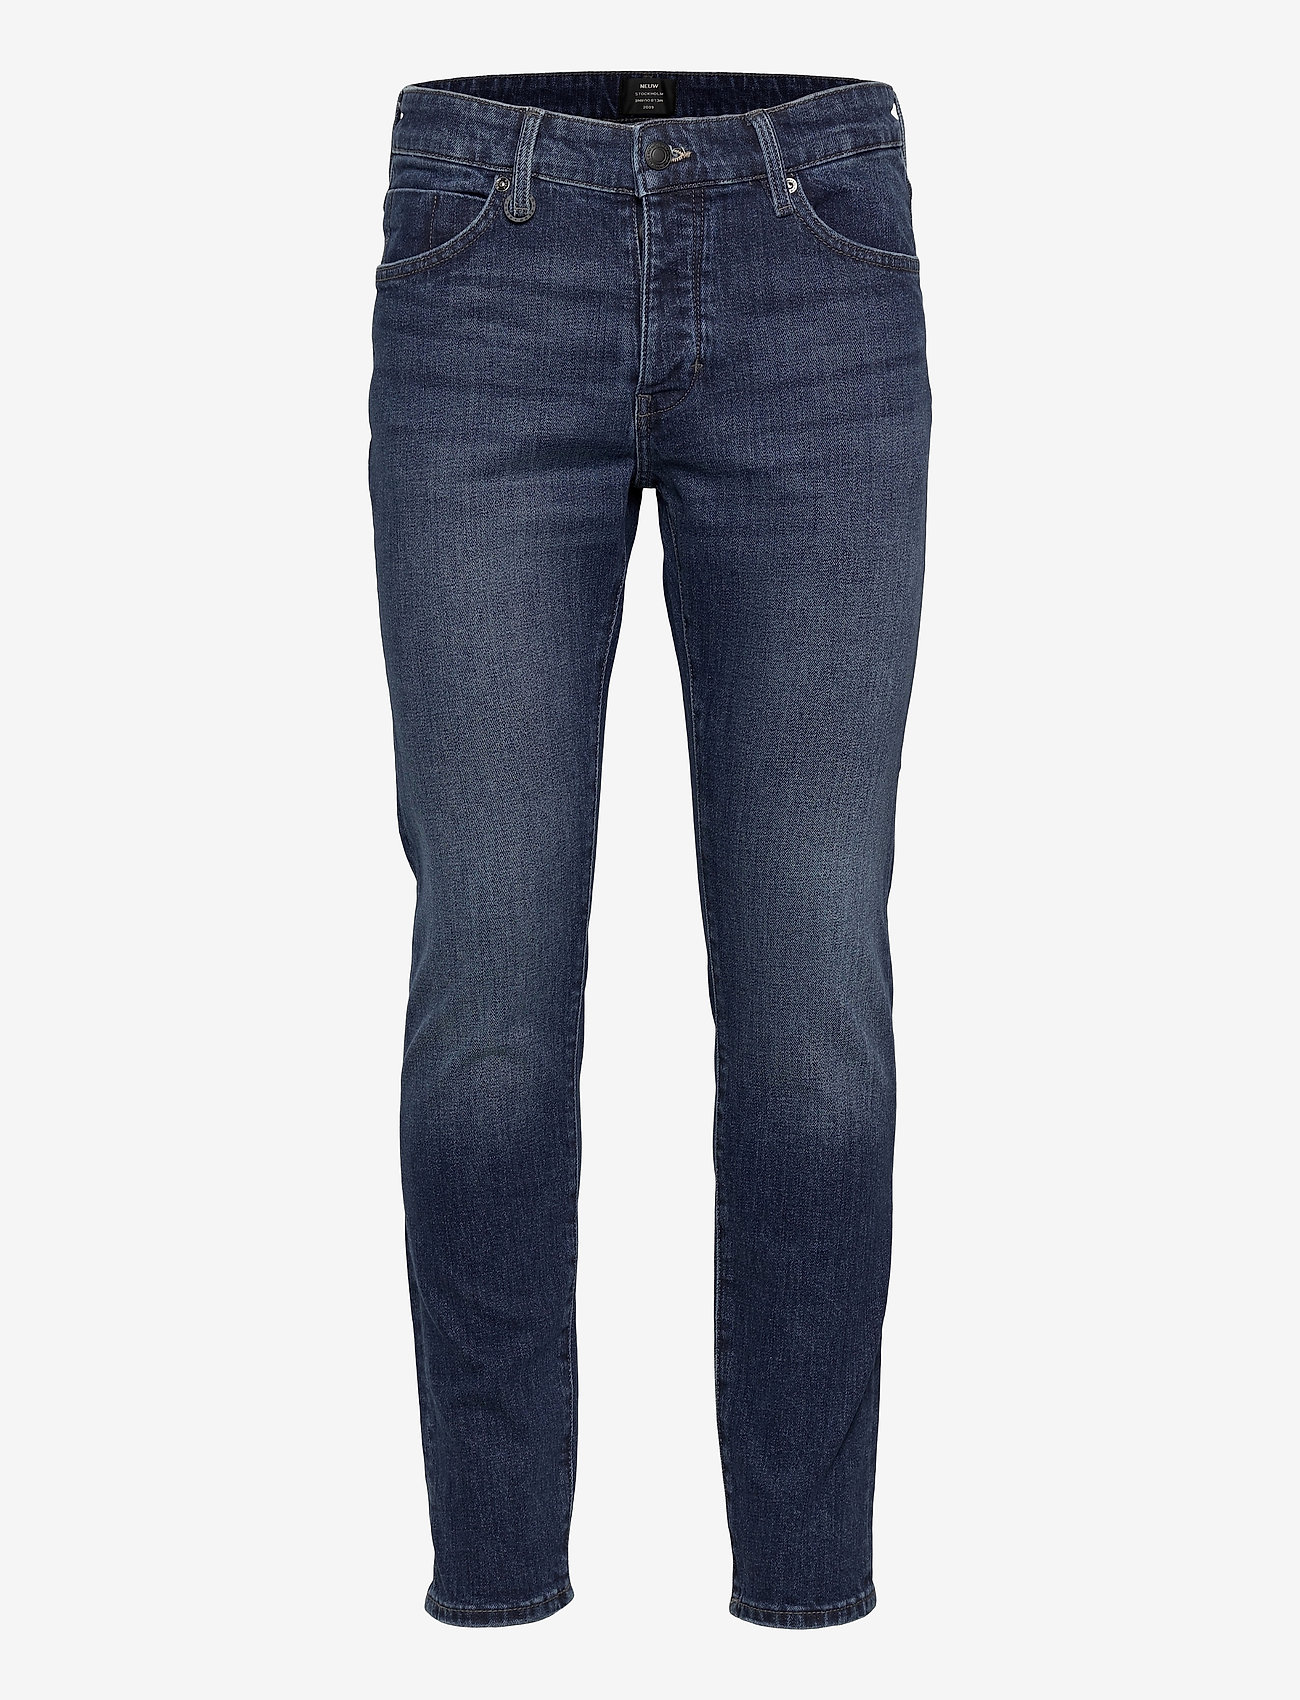 NEUW - IGGY SKINNY - skinny jeans - cave - 0